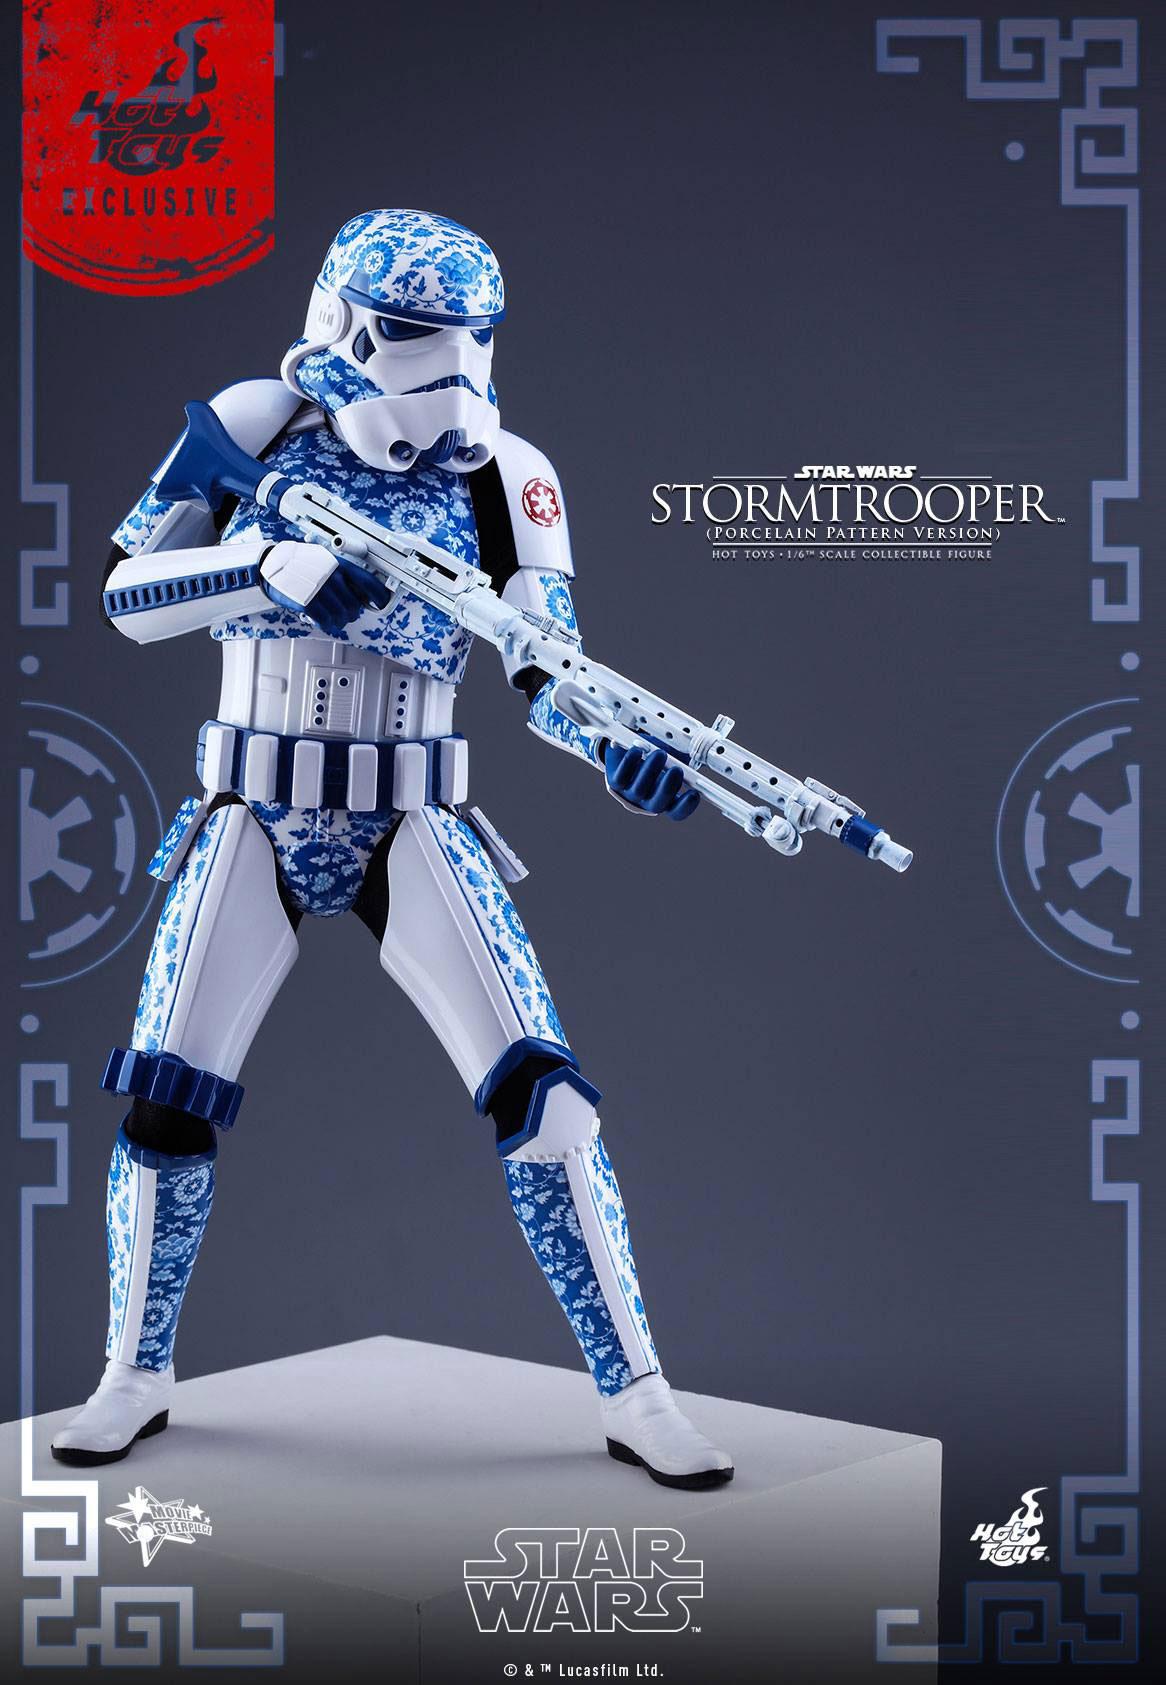 hot-toys-star-wars-stormtrooper-porcelain-pattern-figure-2